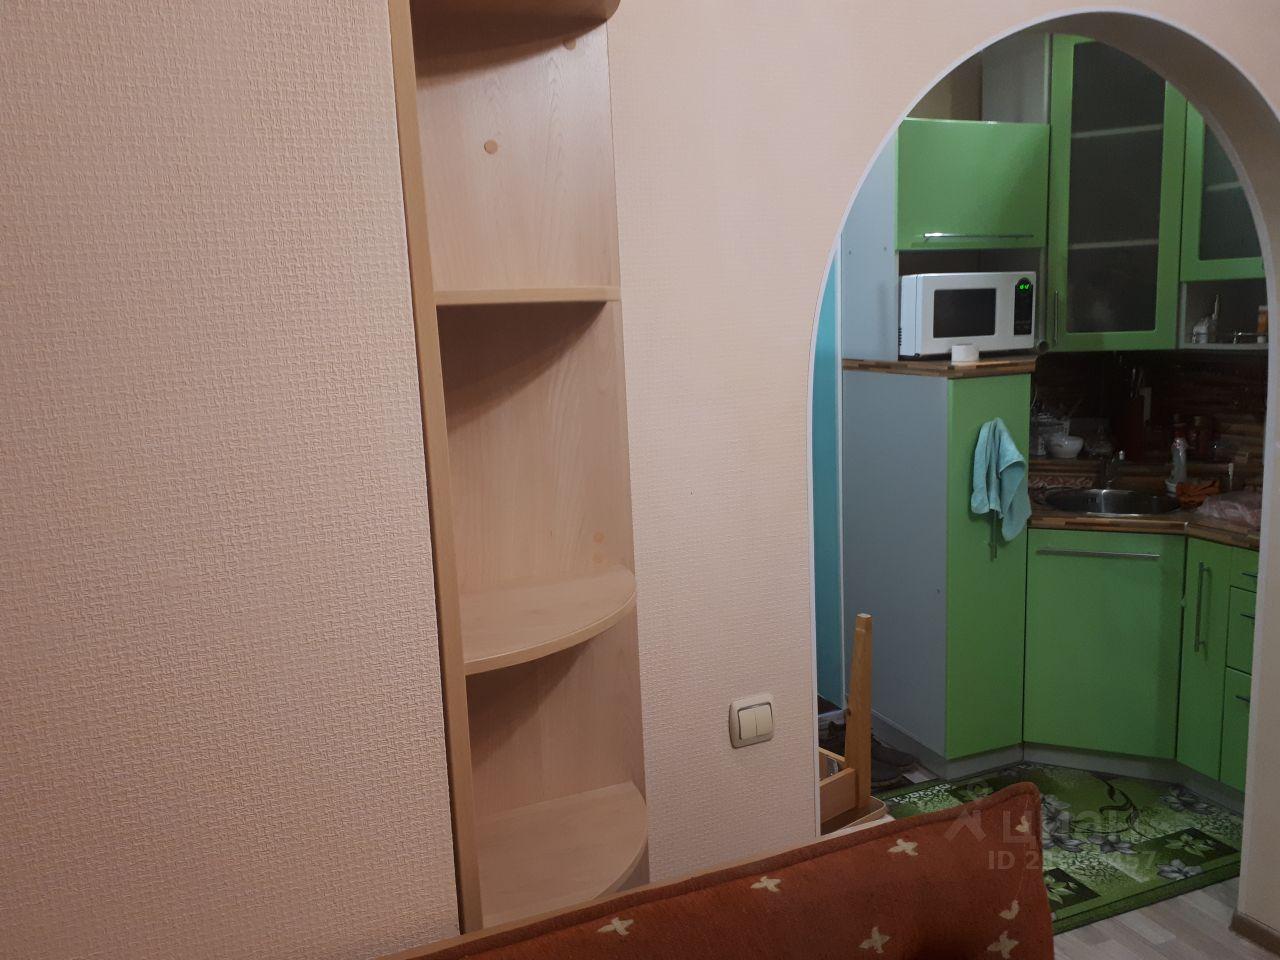 Сдам однокомнатную квартиру 32м² ул. Энгельса, 134, Сыктывкар, Коми респ. - база ЦИАН, объявление 241452488